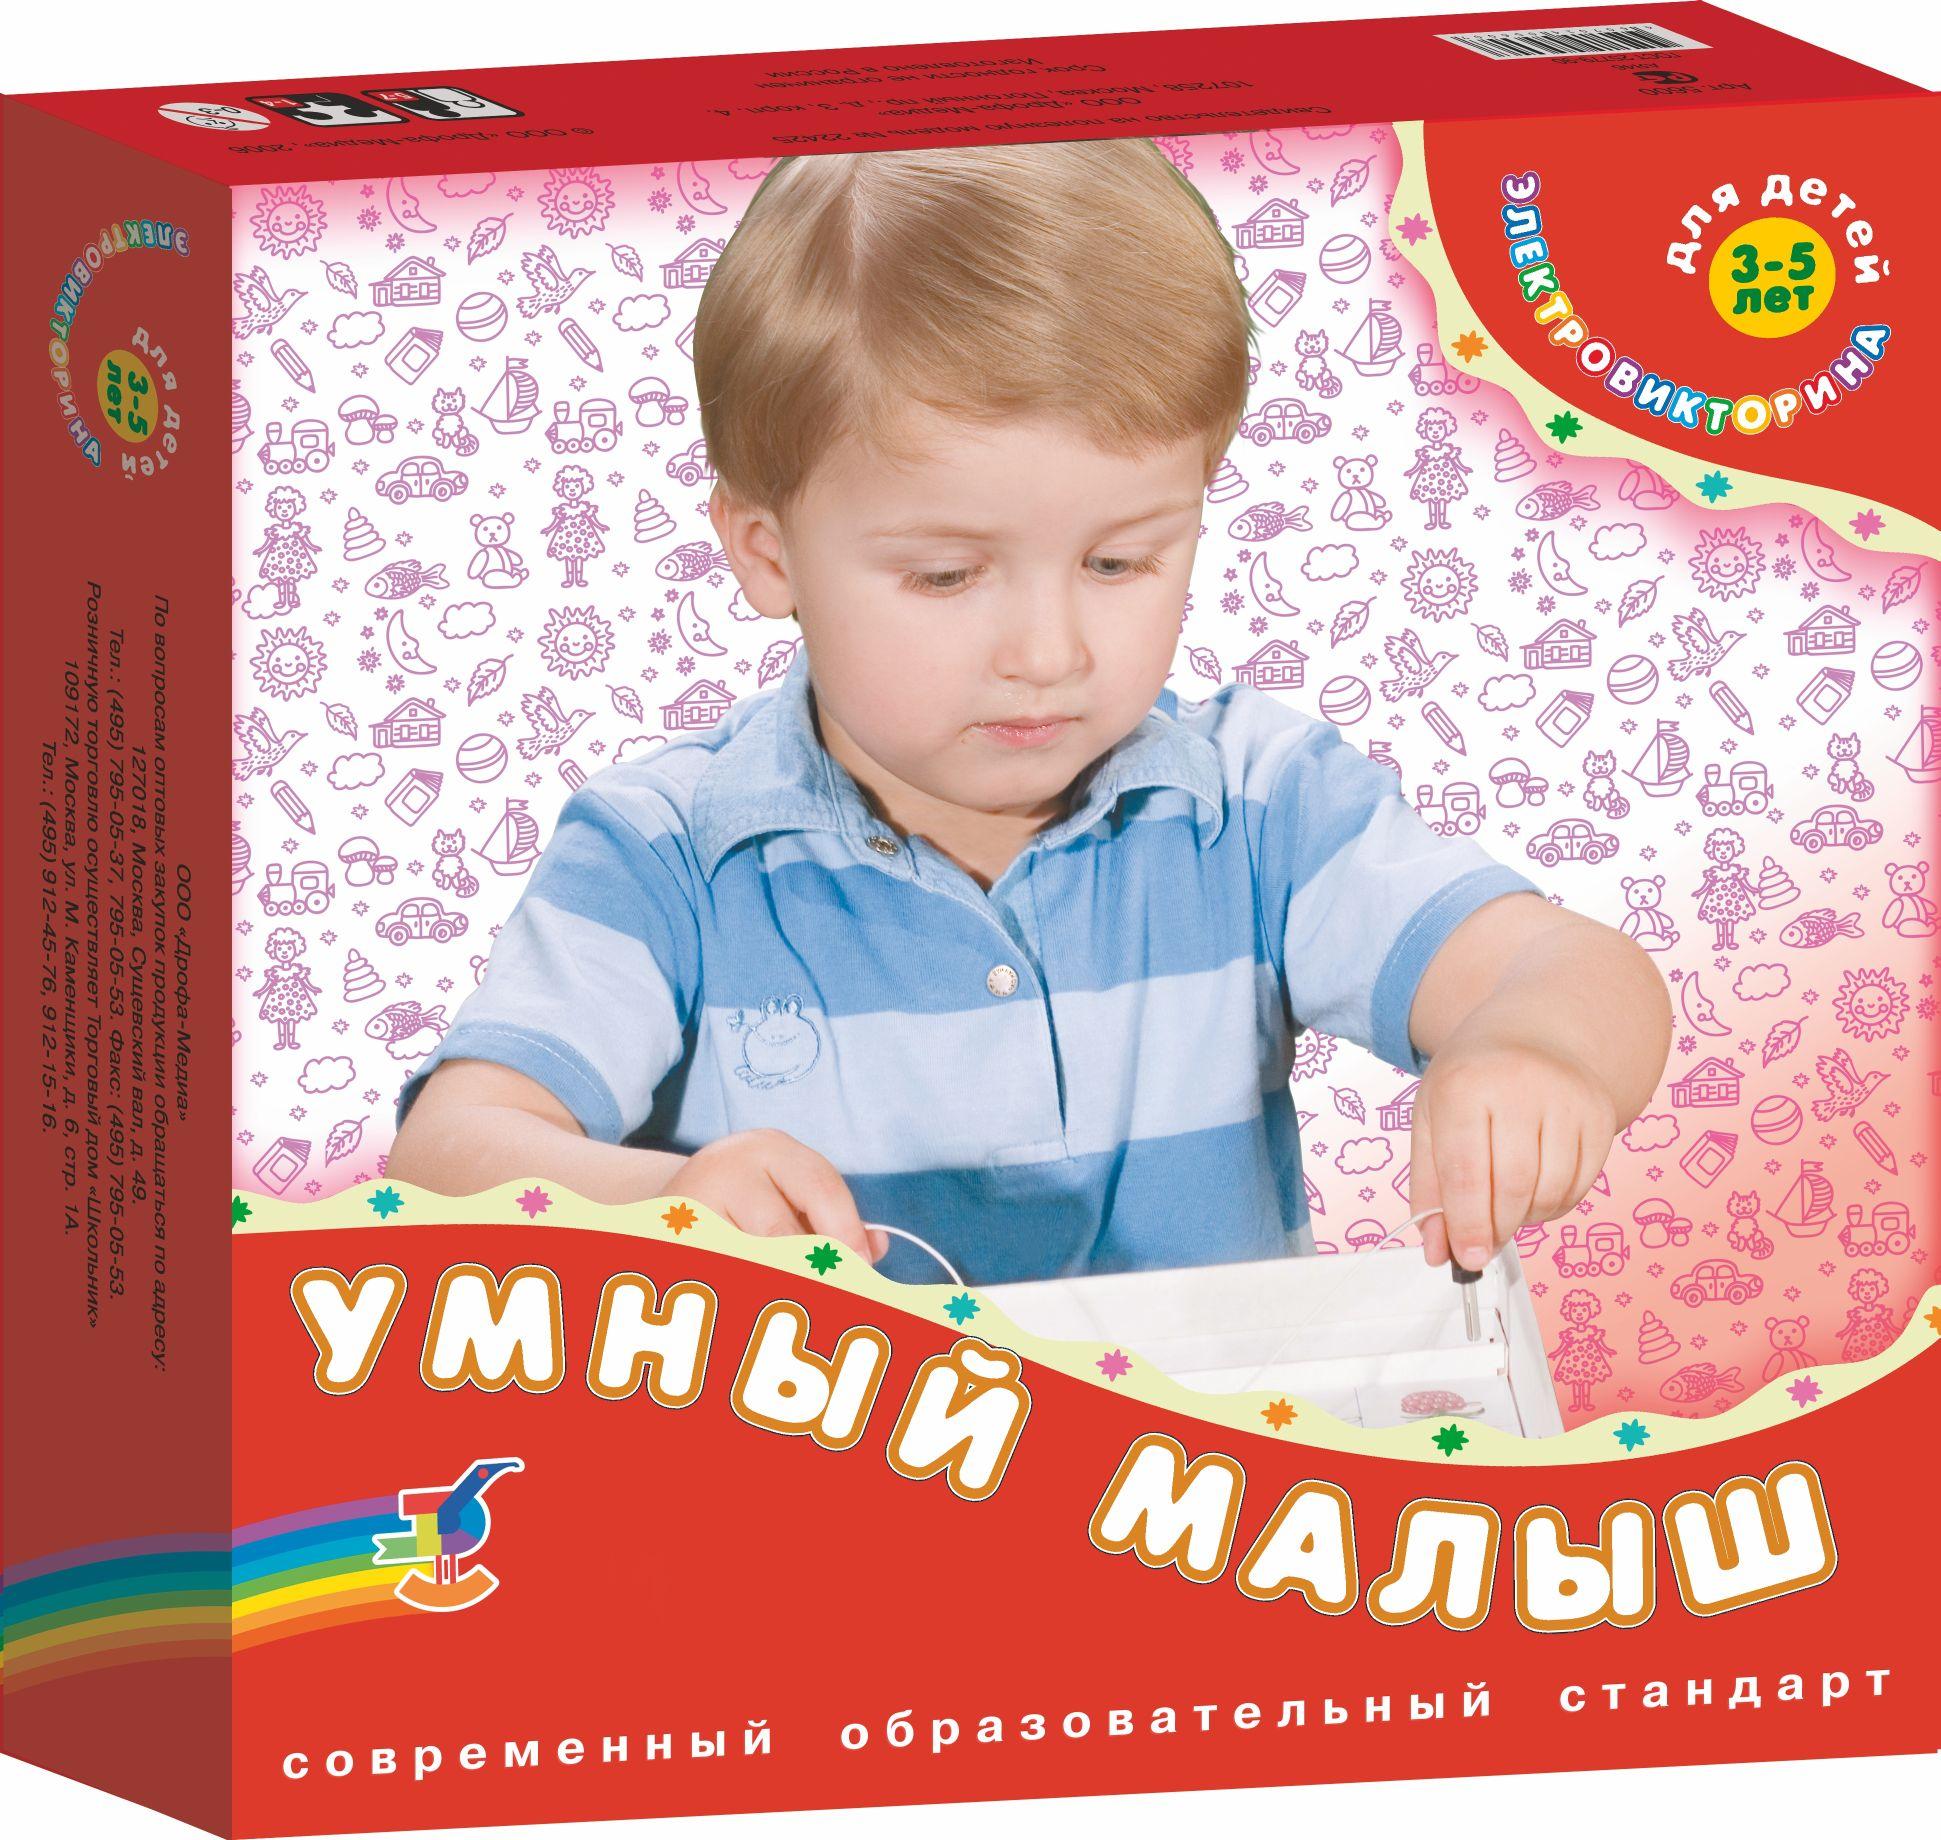 Электровикторина Умный малыш: для детей 3-5 лет